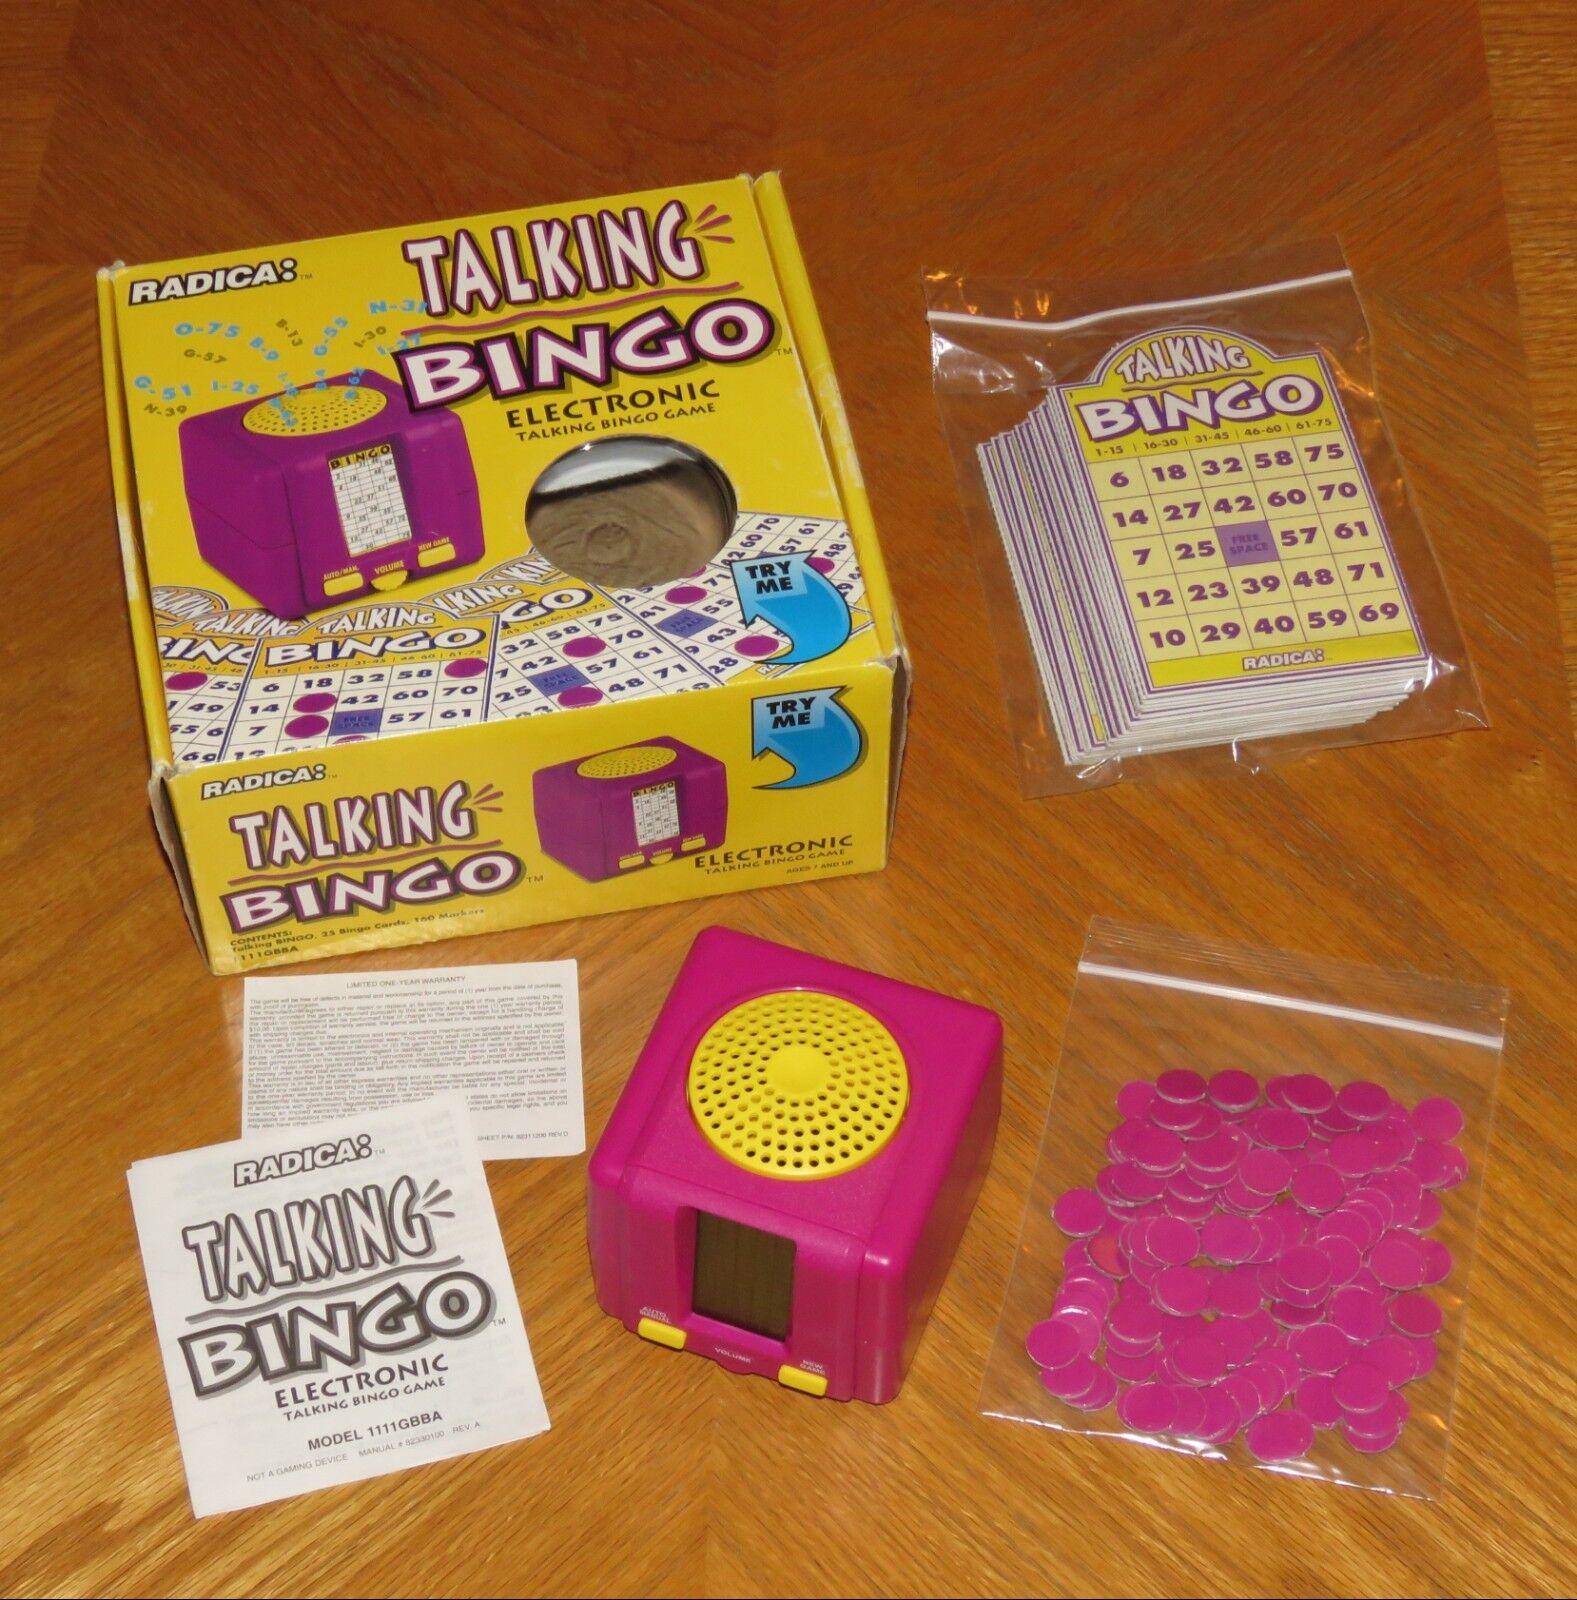 1995 Radica TALking BINGO Electronic spel - Original låda - Tested & arbetssätt